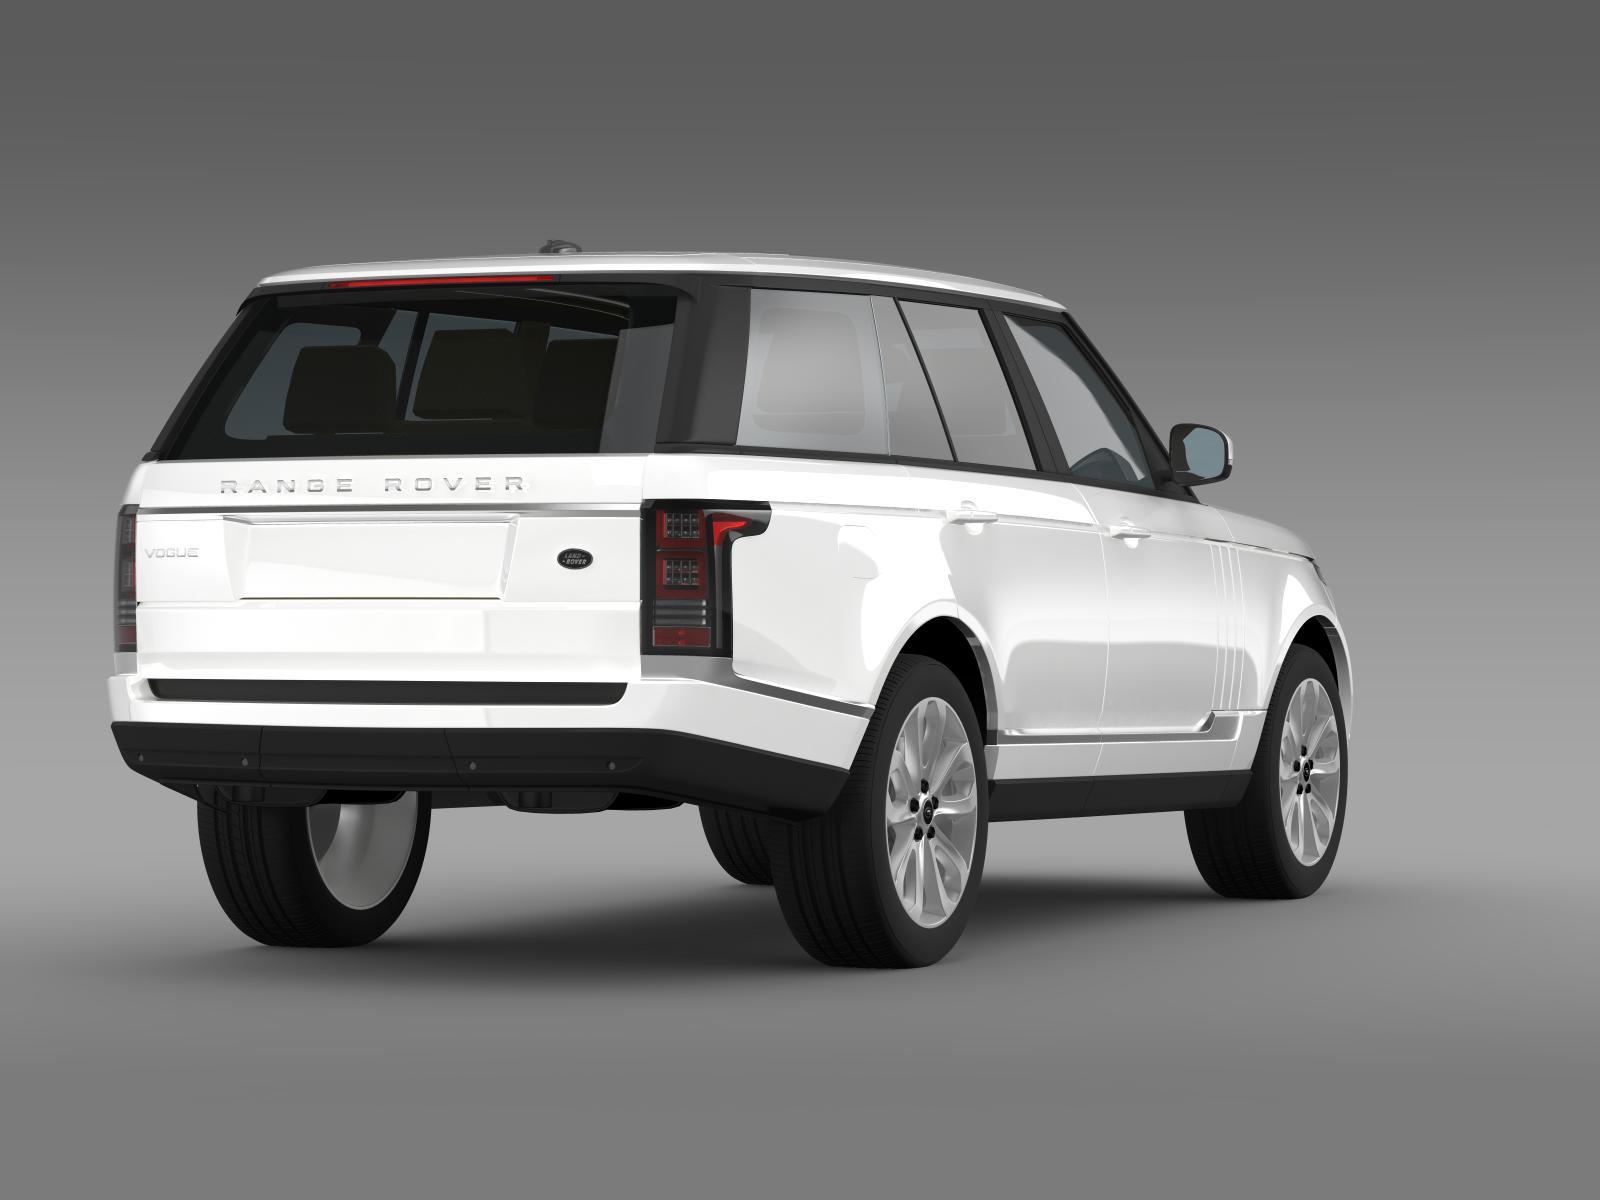 range rover vogue tdv6 l405 3d model buy range rover vogue tdv6 l405 3d model flatpyramid. Black Bedroom Furniture Sets. Home Design Ideas